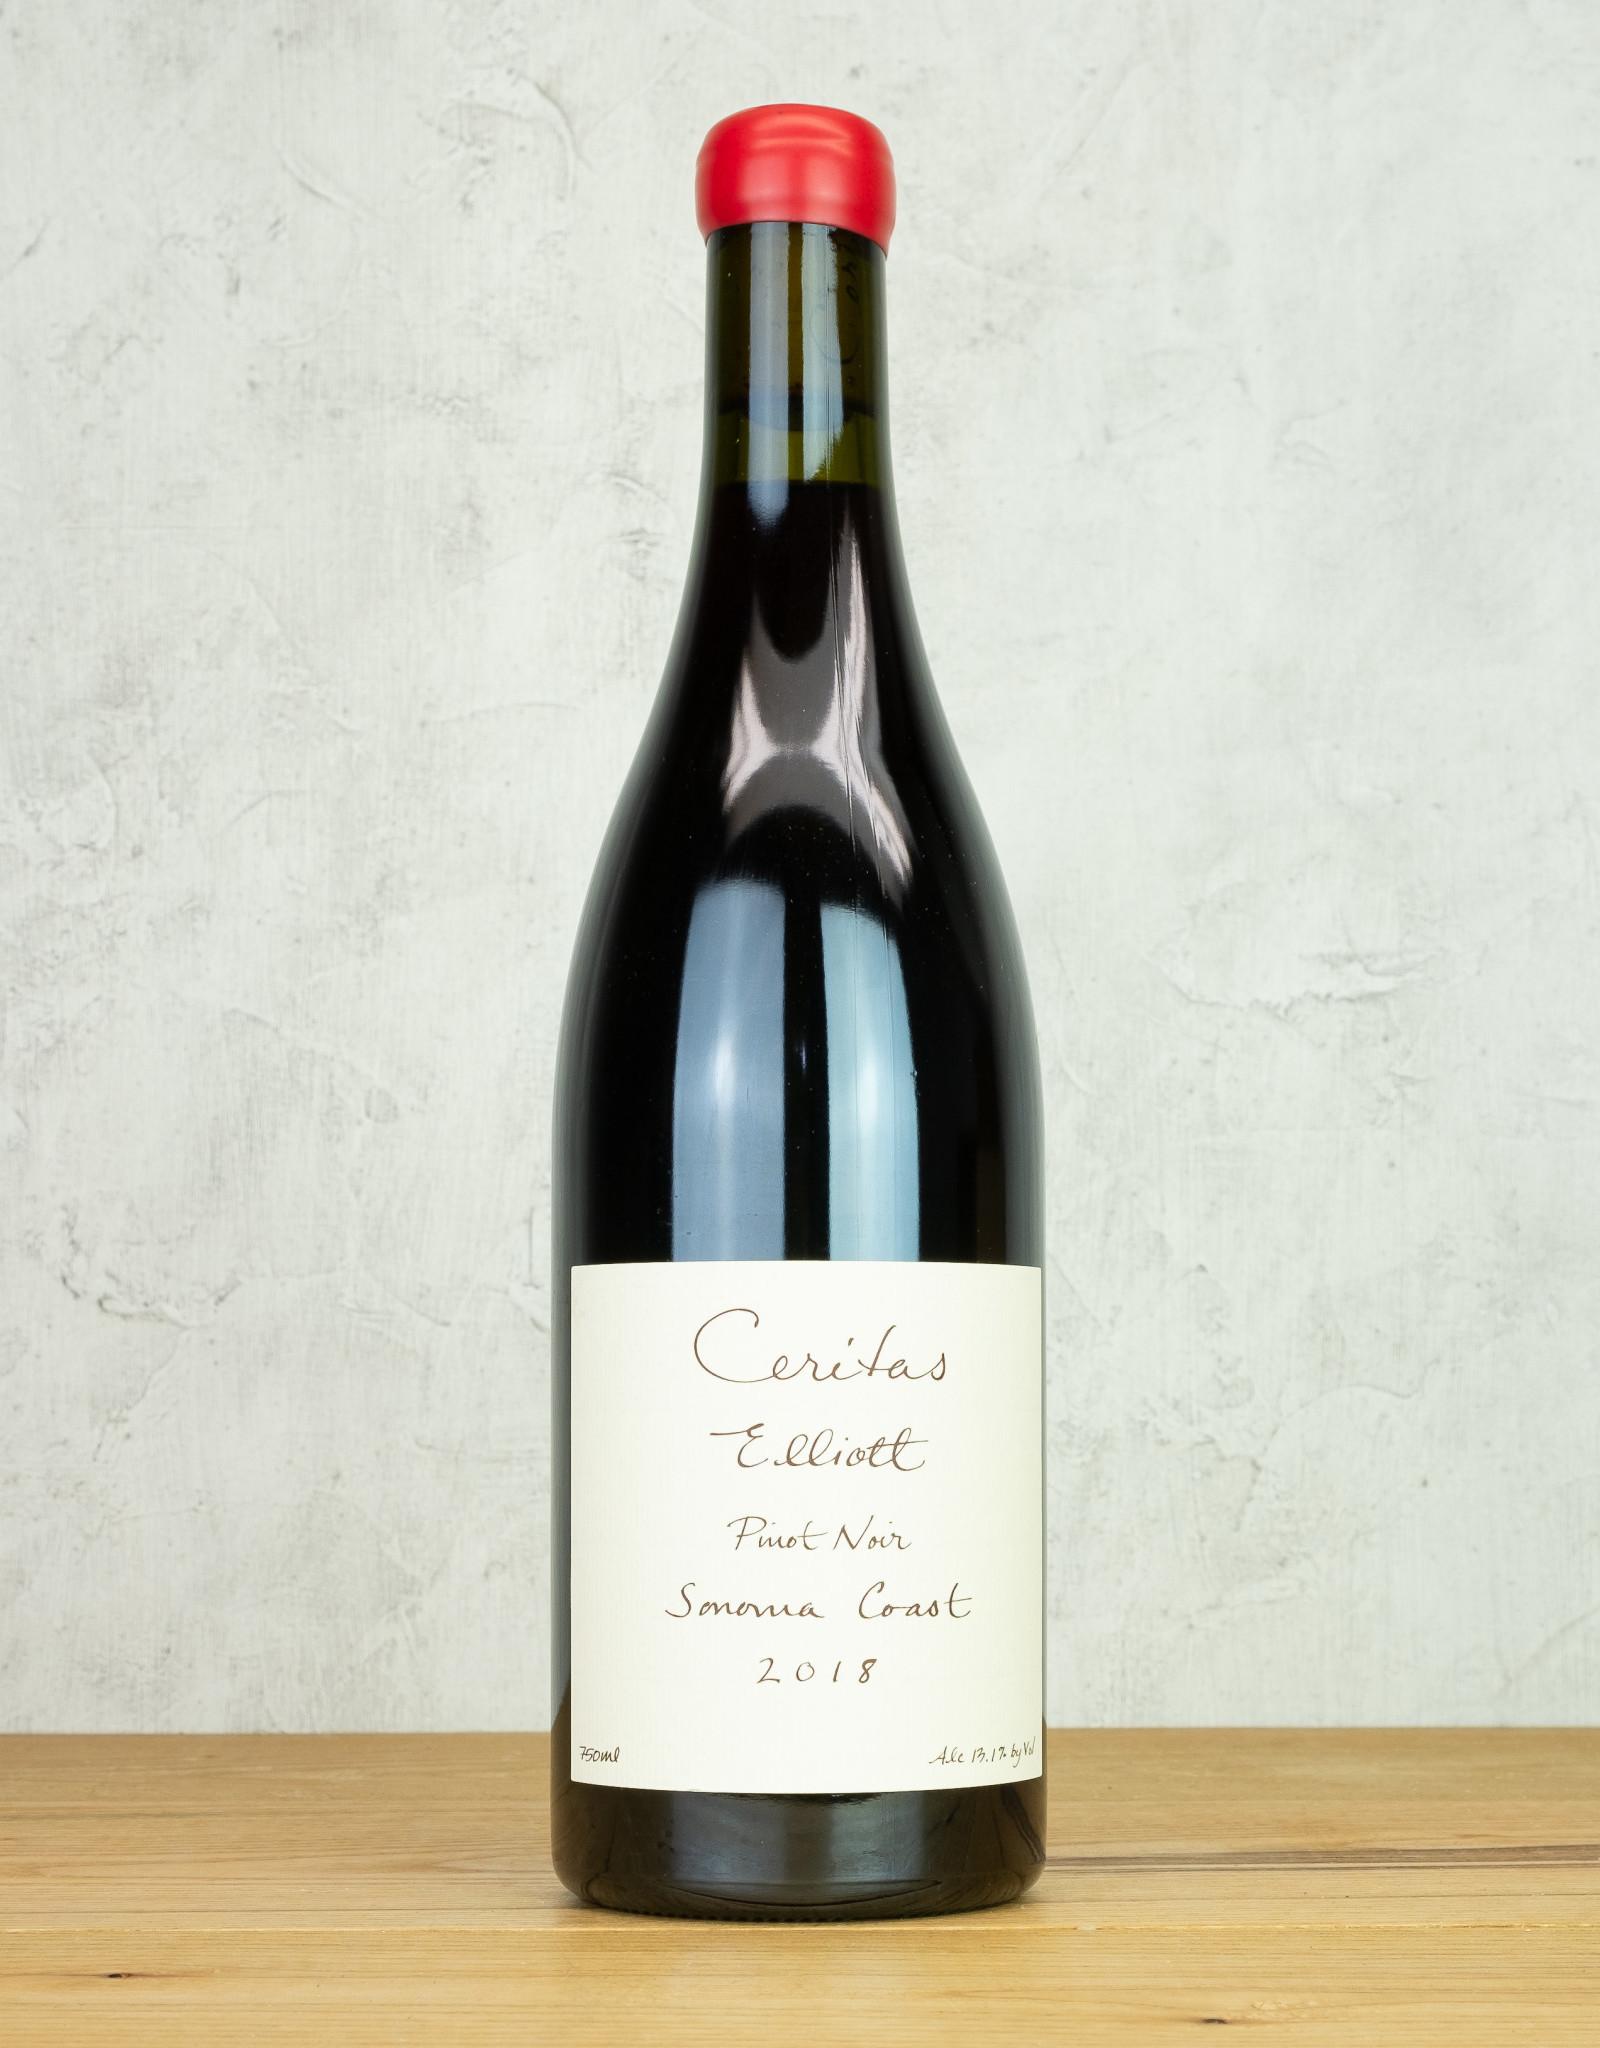 Ceritas Elliott Pinot Noir